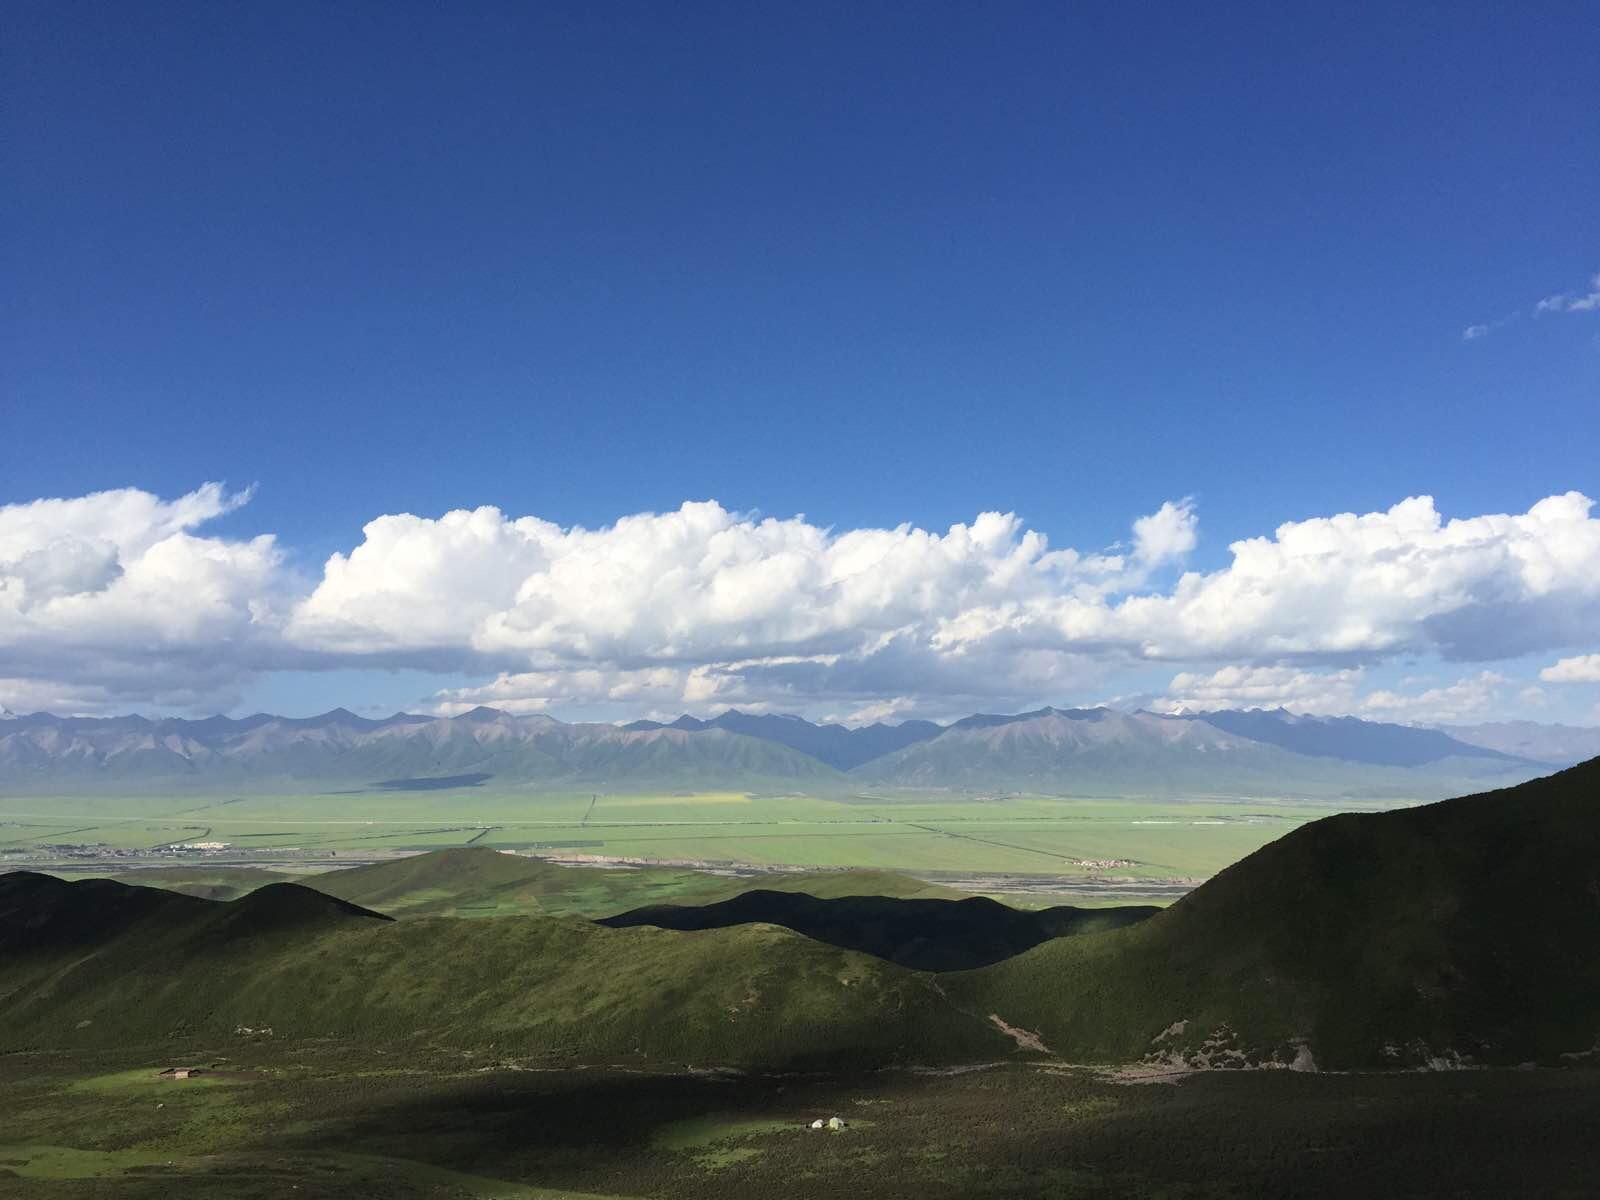 来到青海湖,此次旅行我最想去的地方已经到达,才真正知道什么是大美